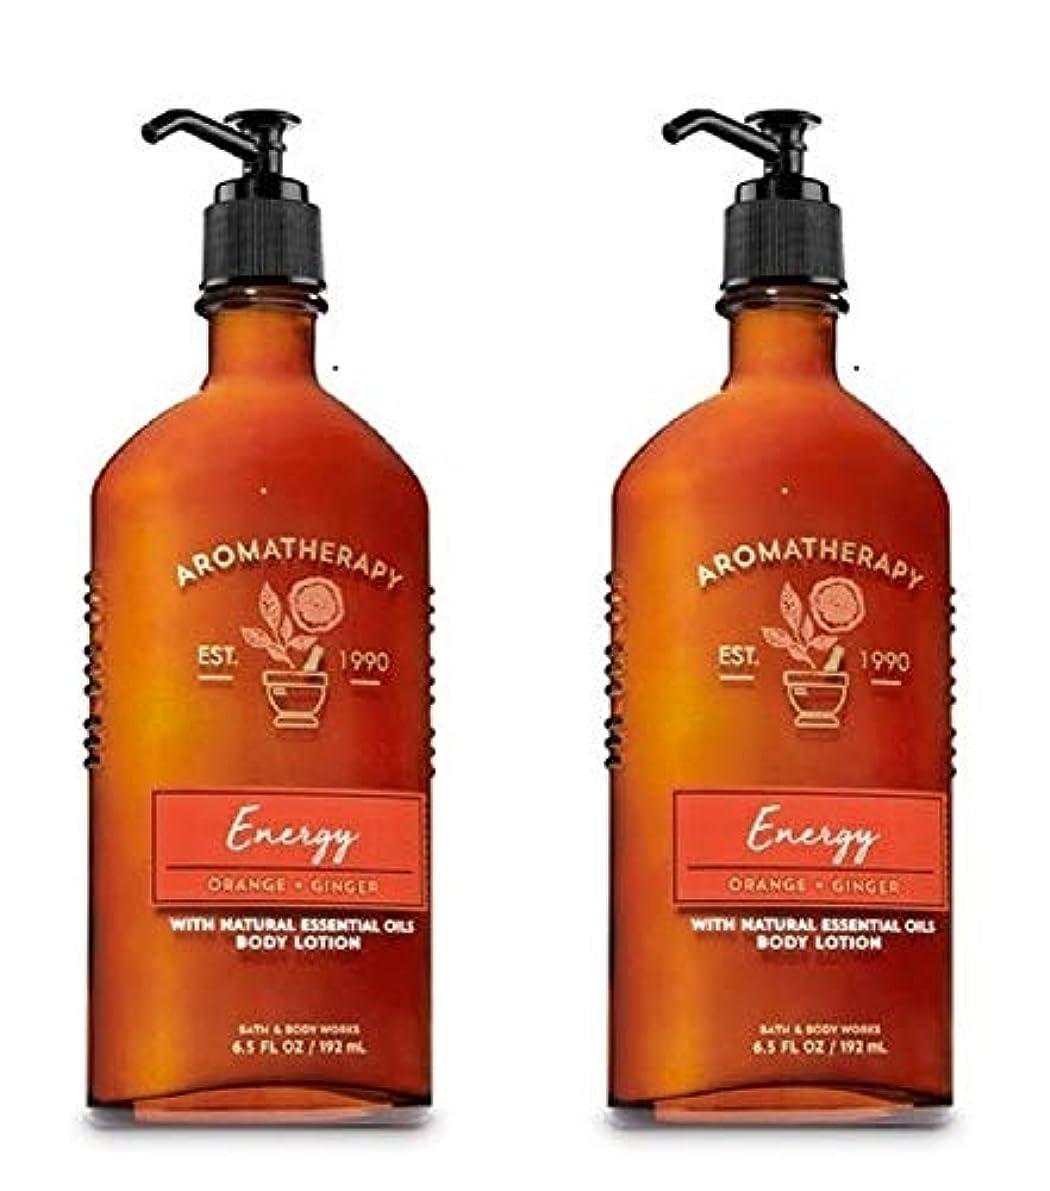 カール認める道に迷いましたBath & Body Works アロマエナジー - オレンジ+ジンジャーボディローション、6.5液量オンス、2枚組